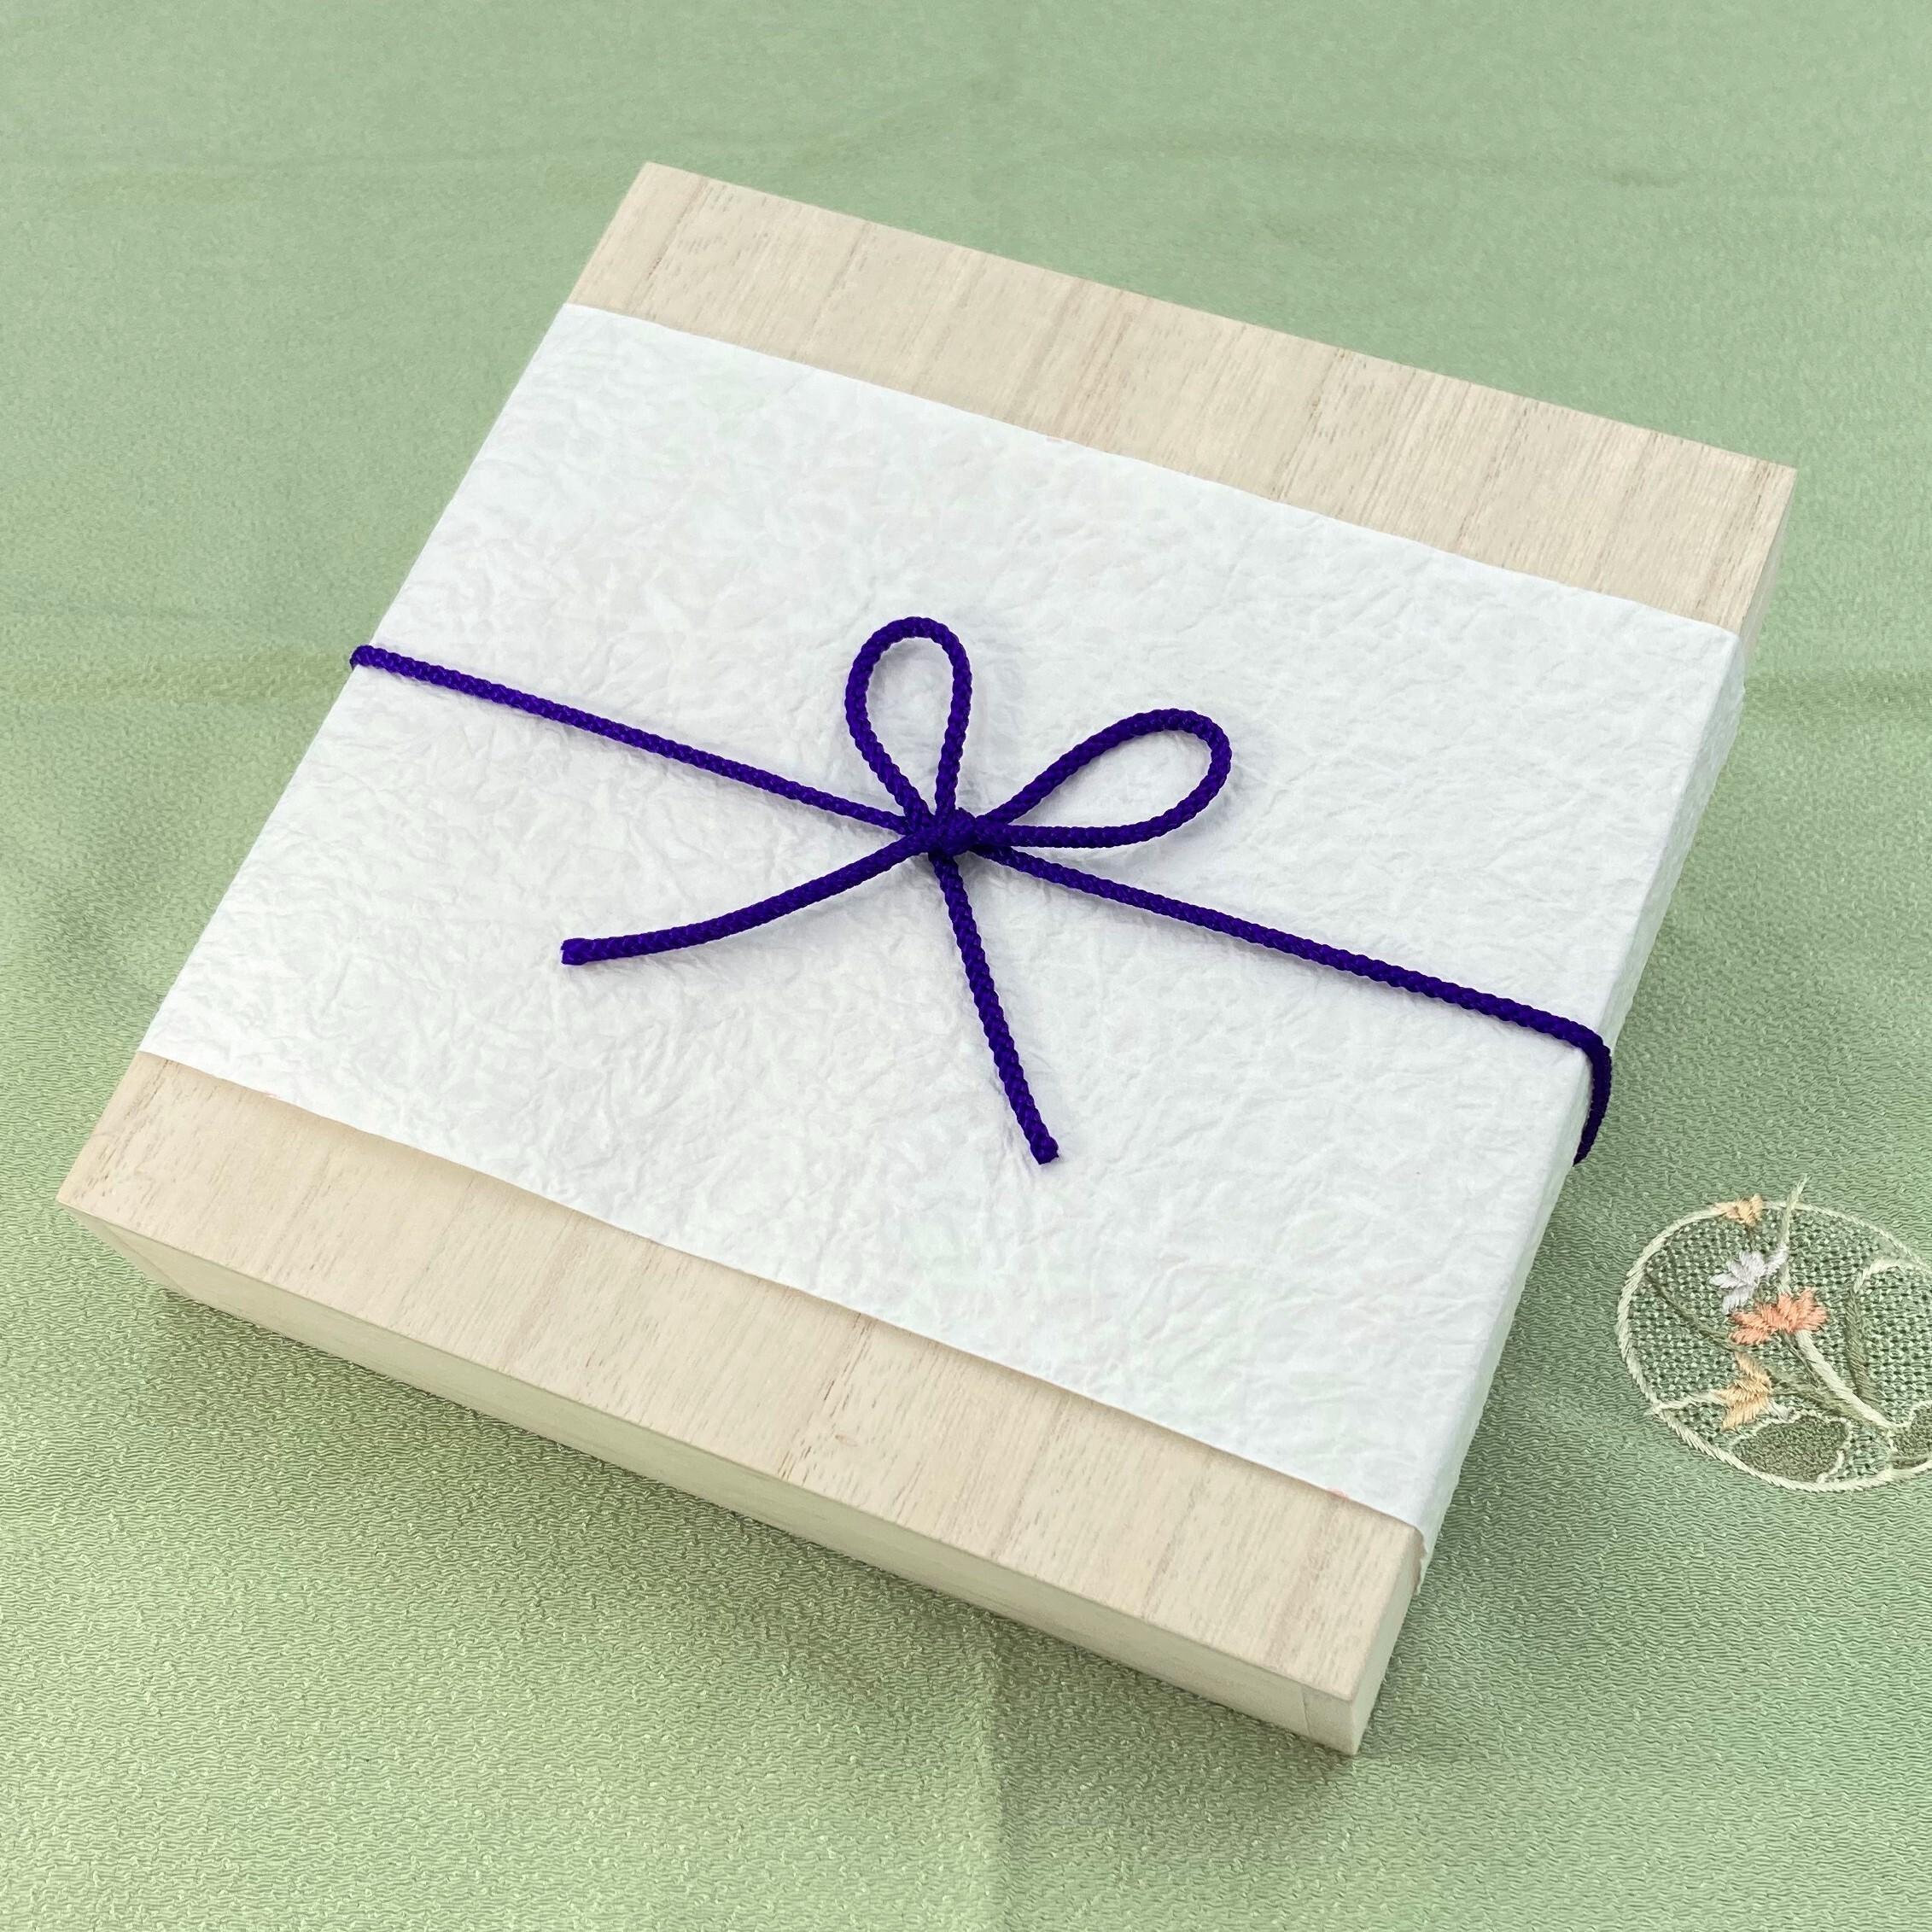 プレゼント包装(木箱/メッセージカード付)